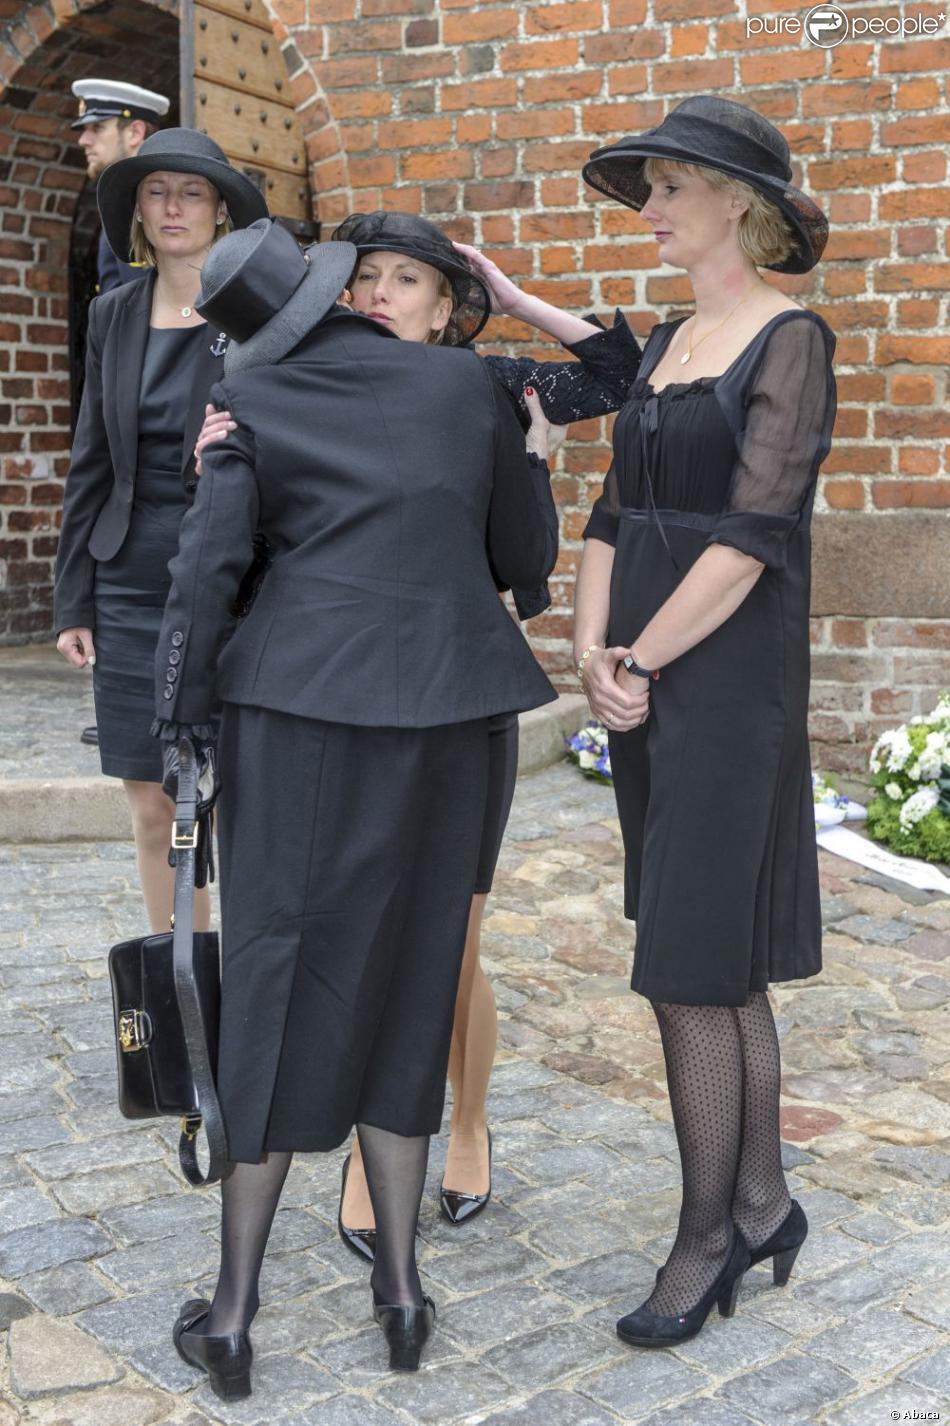 La reine Margrethe II de Danemark avec les filles du défunt aux obsèques du comte Christian de Rosenborg, ancien prince de Danemark, le 29 mai 2013 à l'église et au cimetière de Lyngby. Outre sa veuve Anne Dorte et leurs trois filles, la reine Margrethe II de Danemark, le prince Henrik, la princesse Benedikte et la princesse Marie assistaient à l'office, conduit par Julie Schmidt.